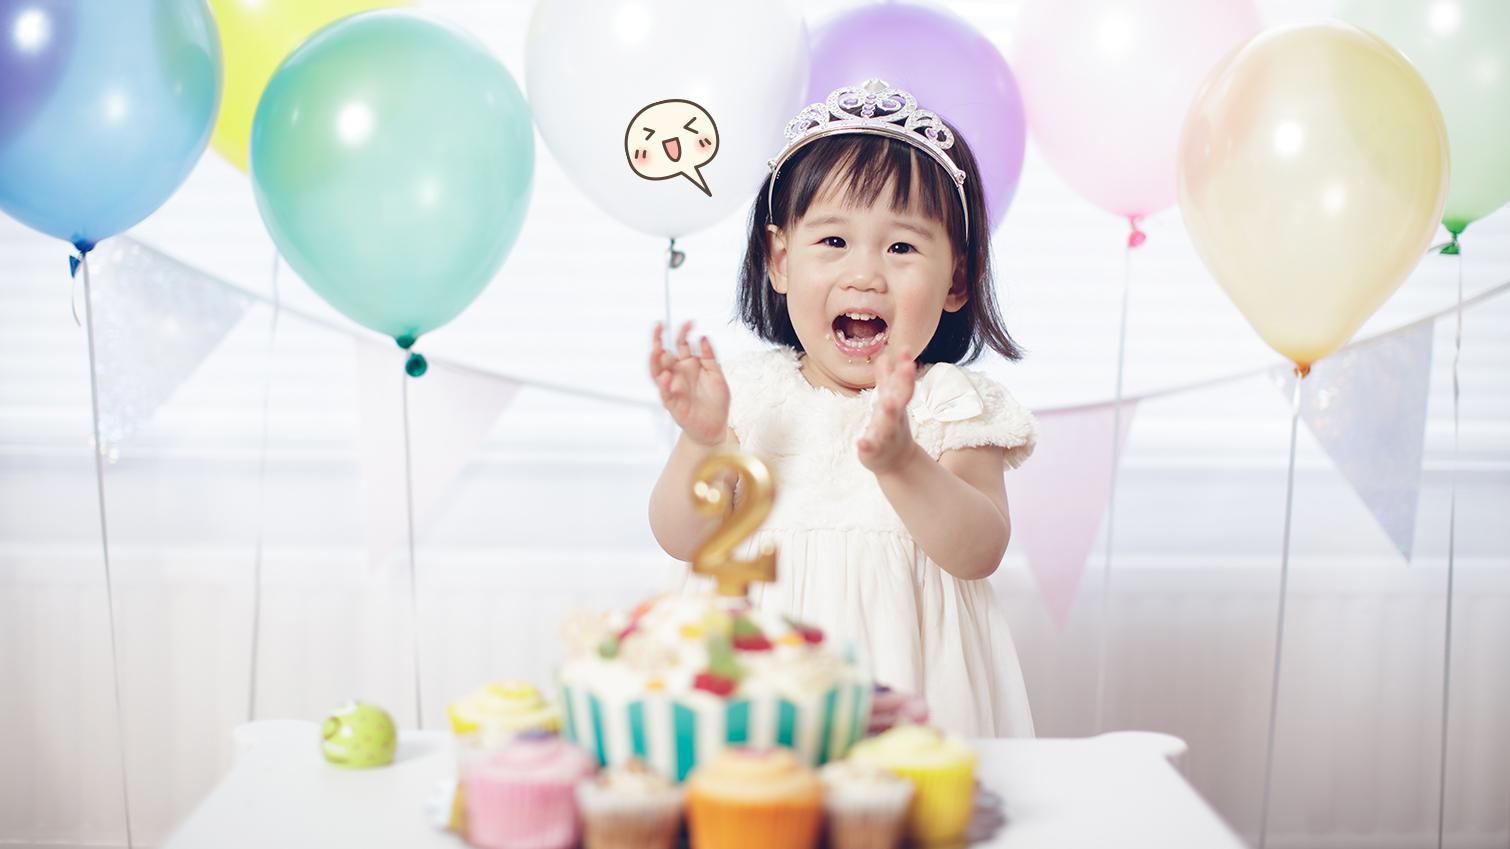 6 Inspirasi Tema Pesta Ulang Tahun Untuk Anak Perempuan Orami Tema ulang tahun anak